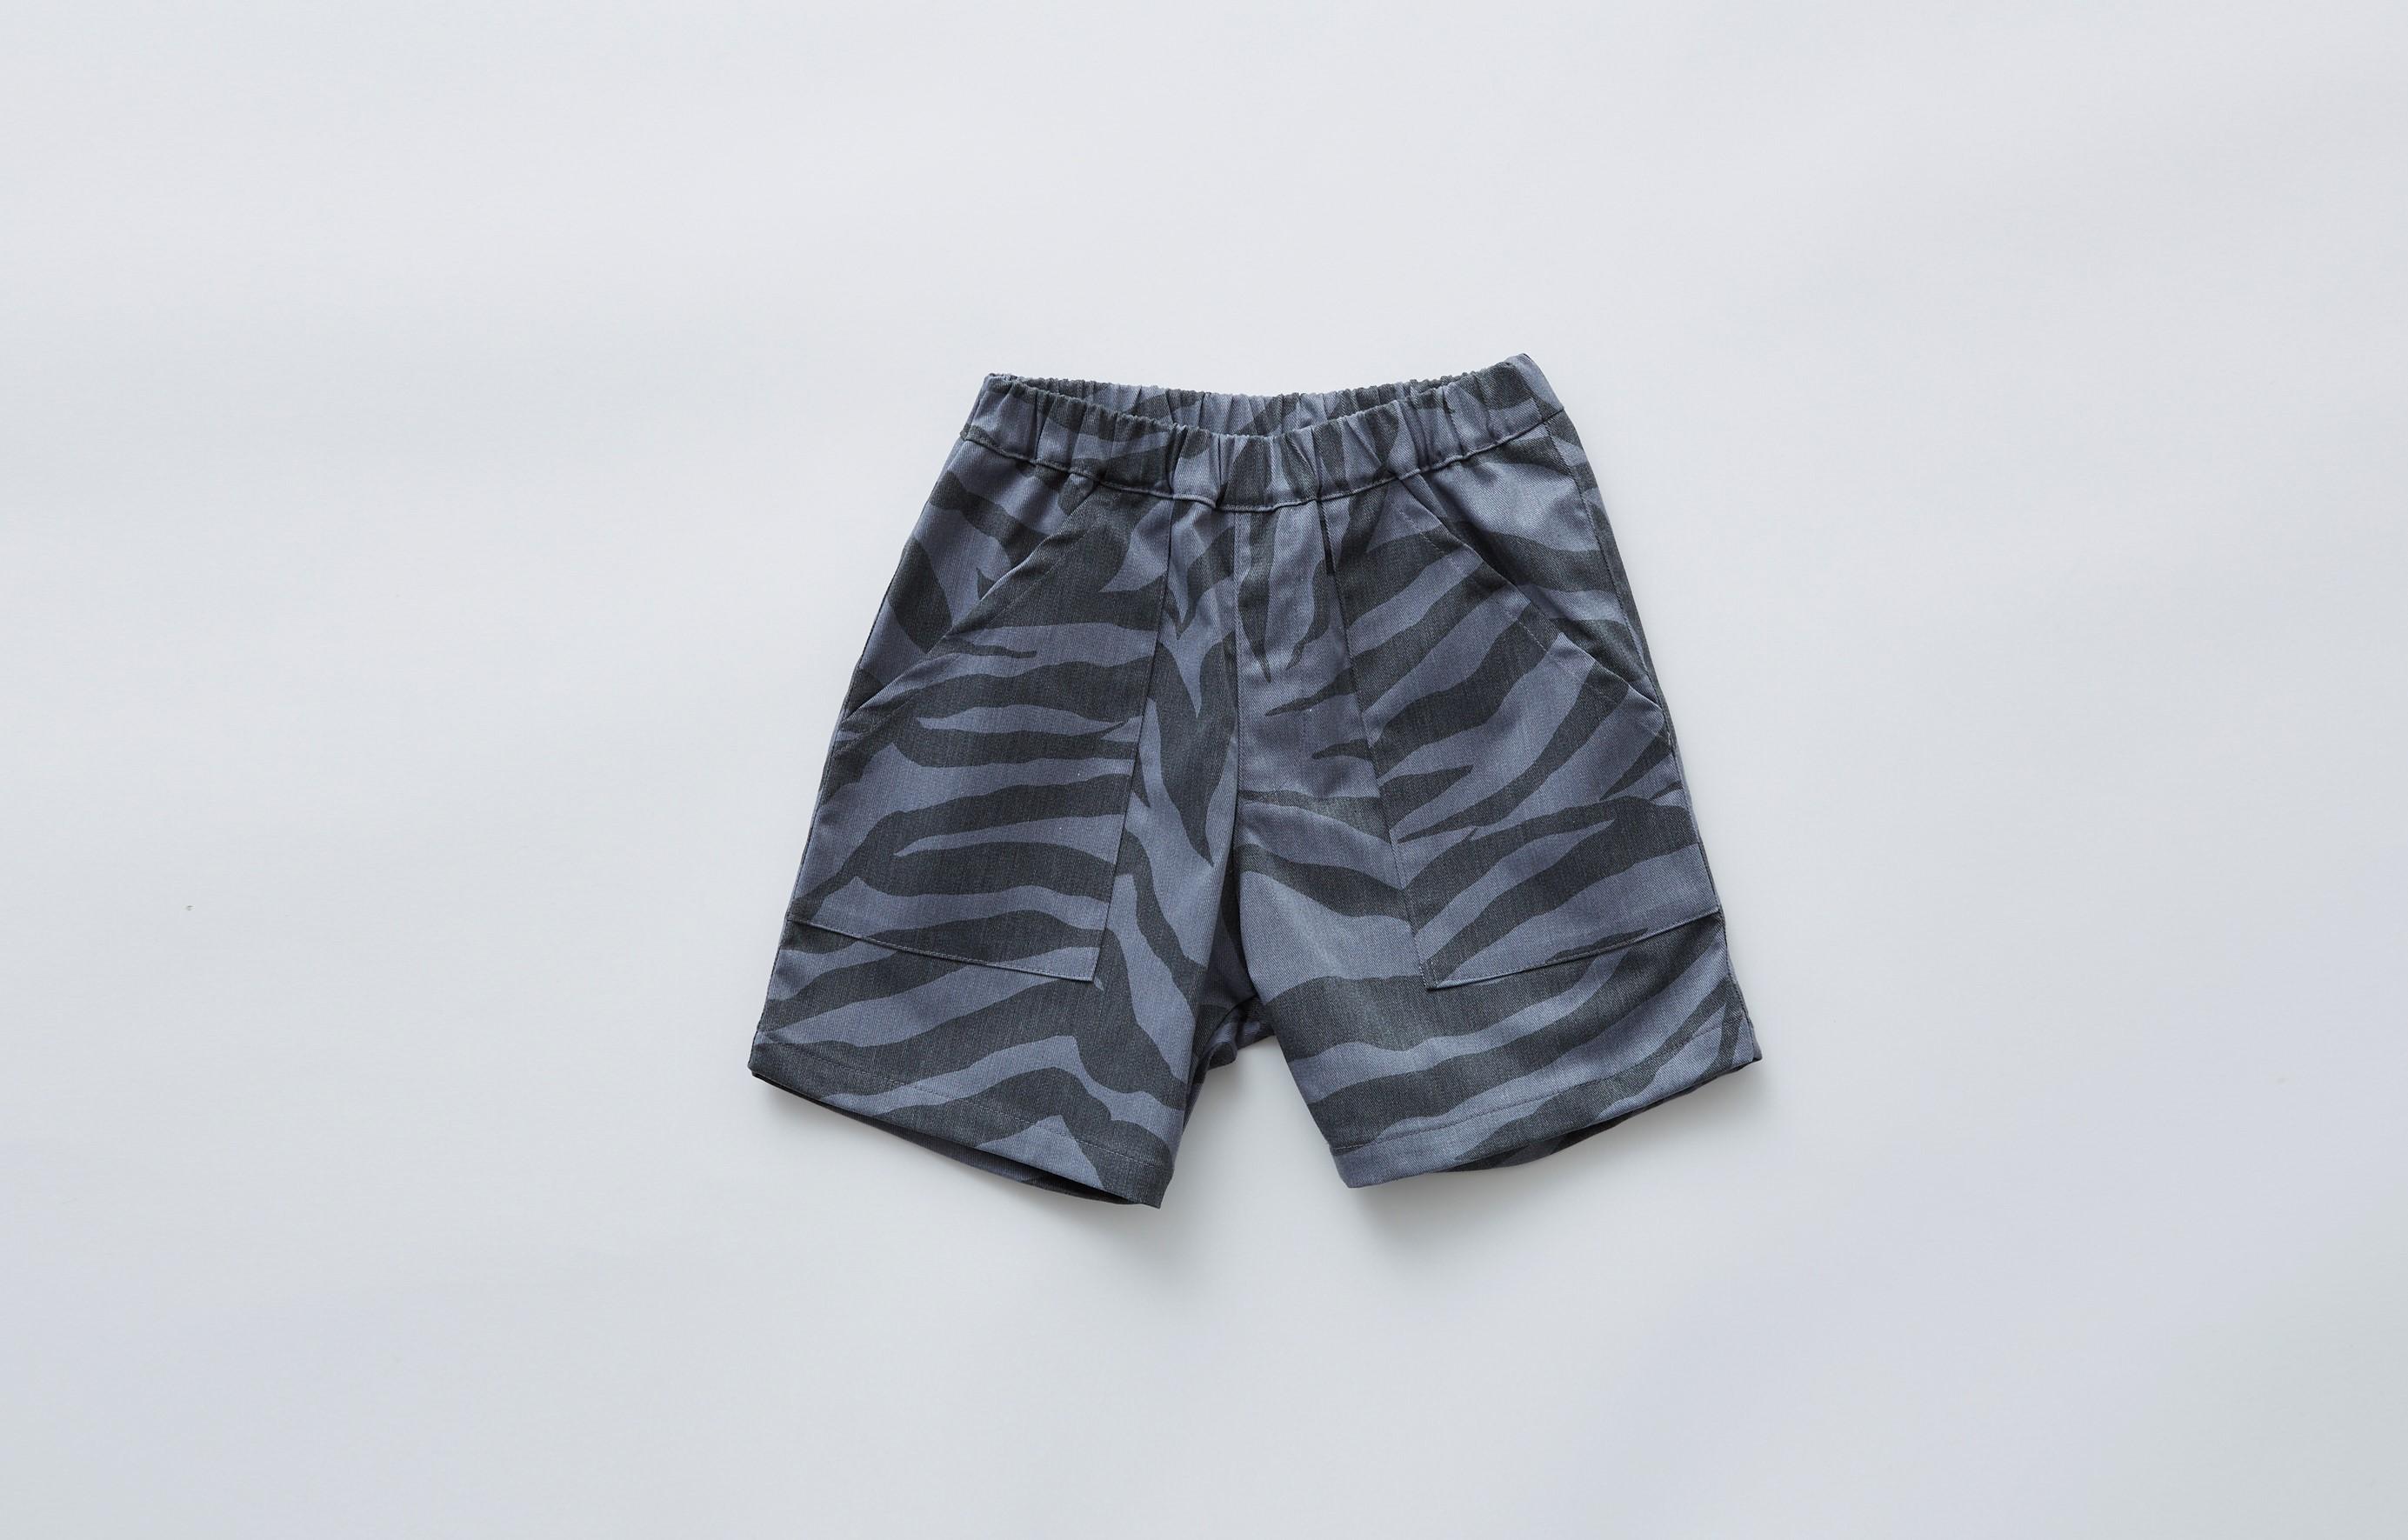 【eLfinFolk】zebra shorts gray